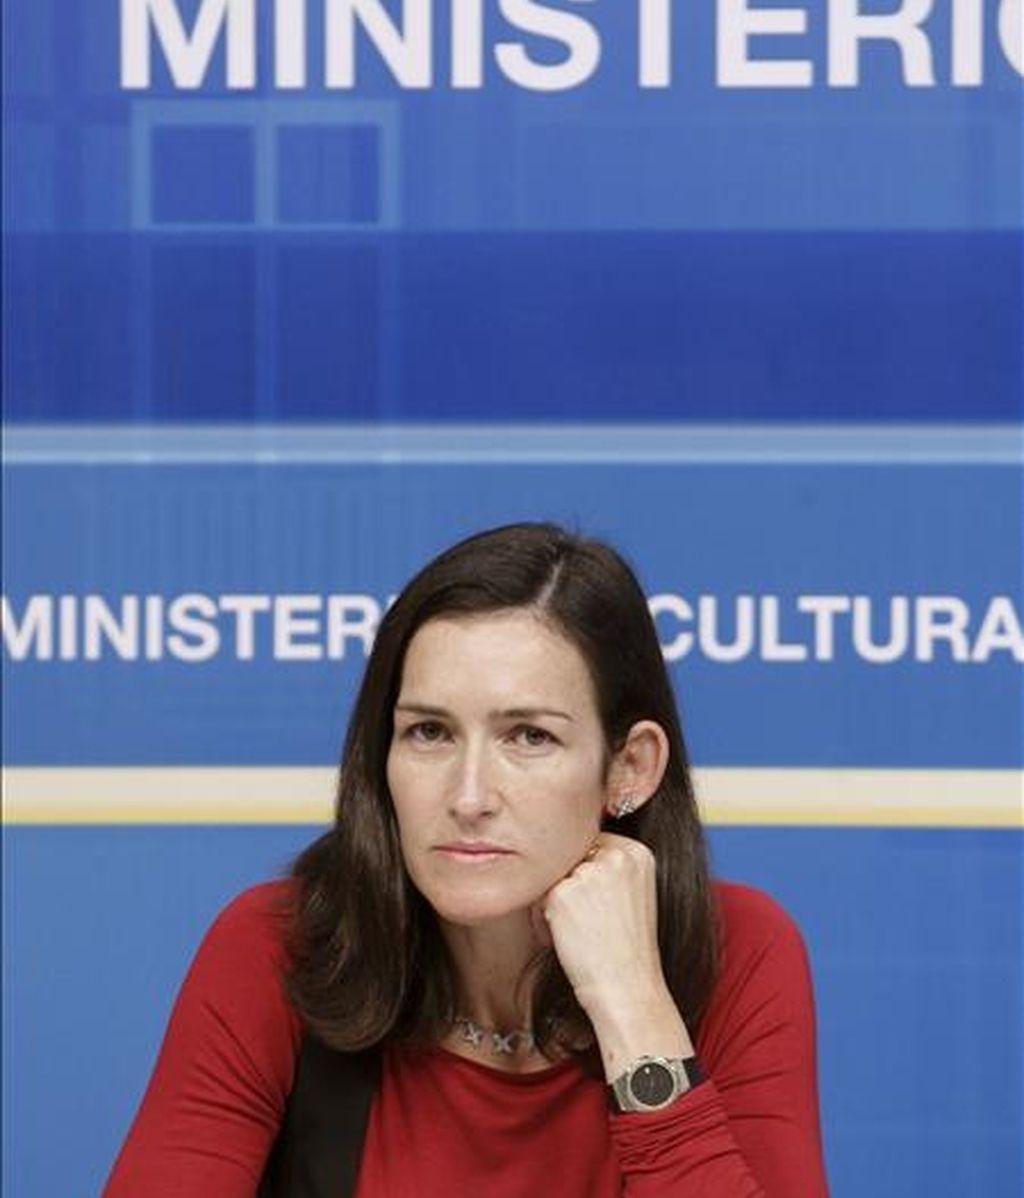 La ministra de Cultura, Angeles González-Sinde. EFE/Archivo